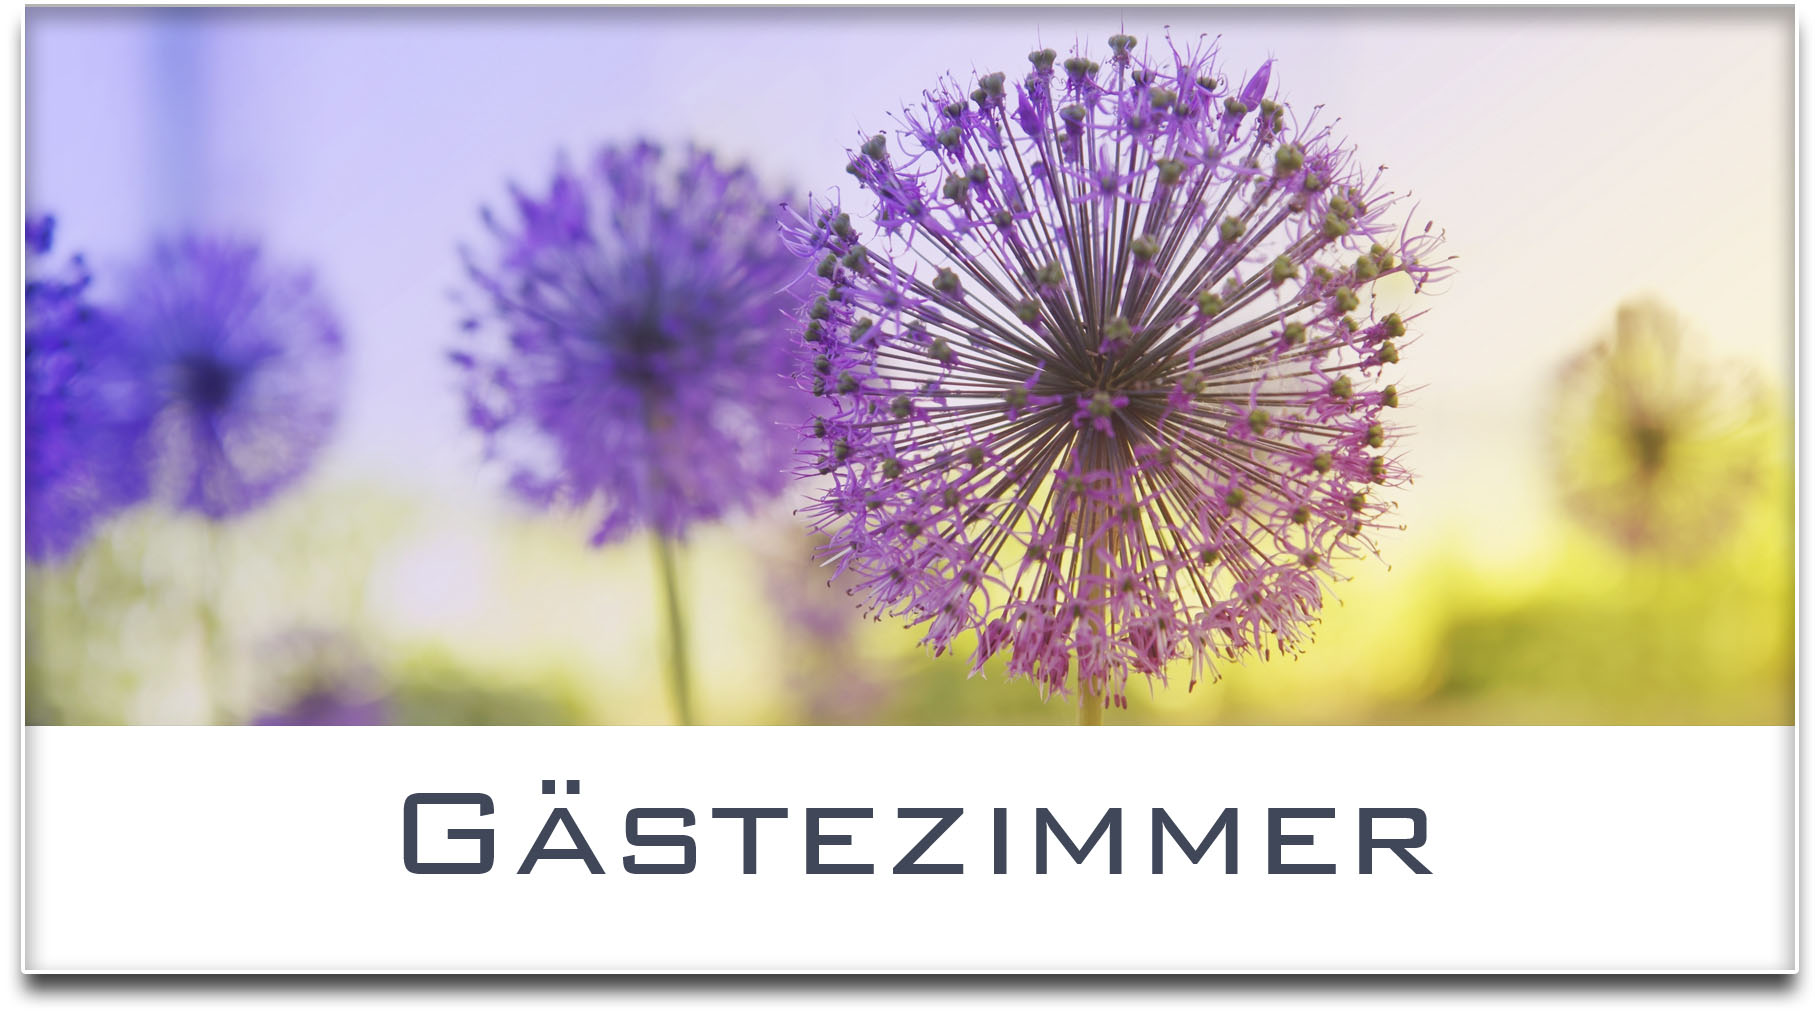 Türschild / Haustürschild / Blume / Gästezimmer / Selbstklebend